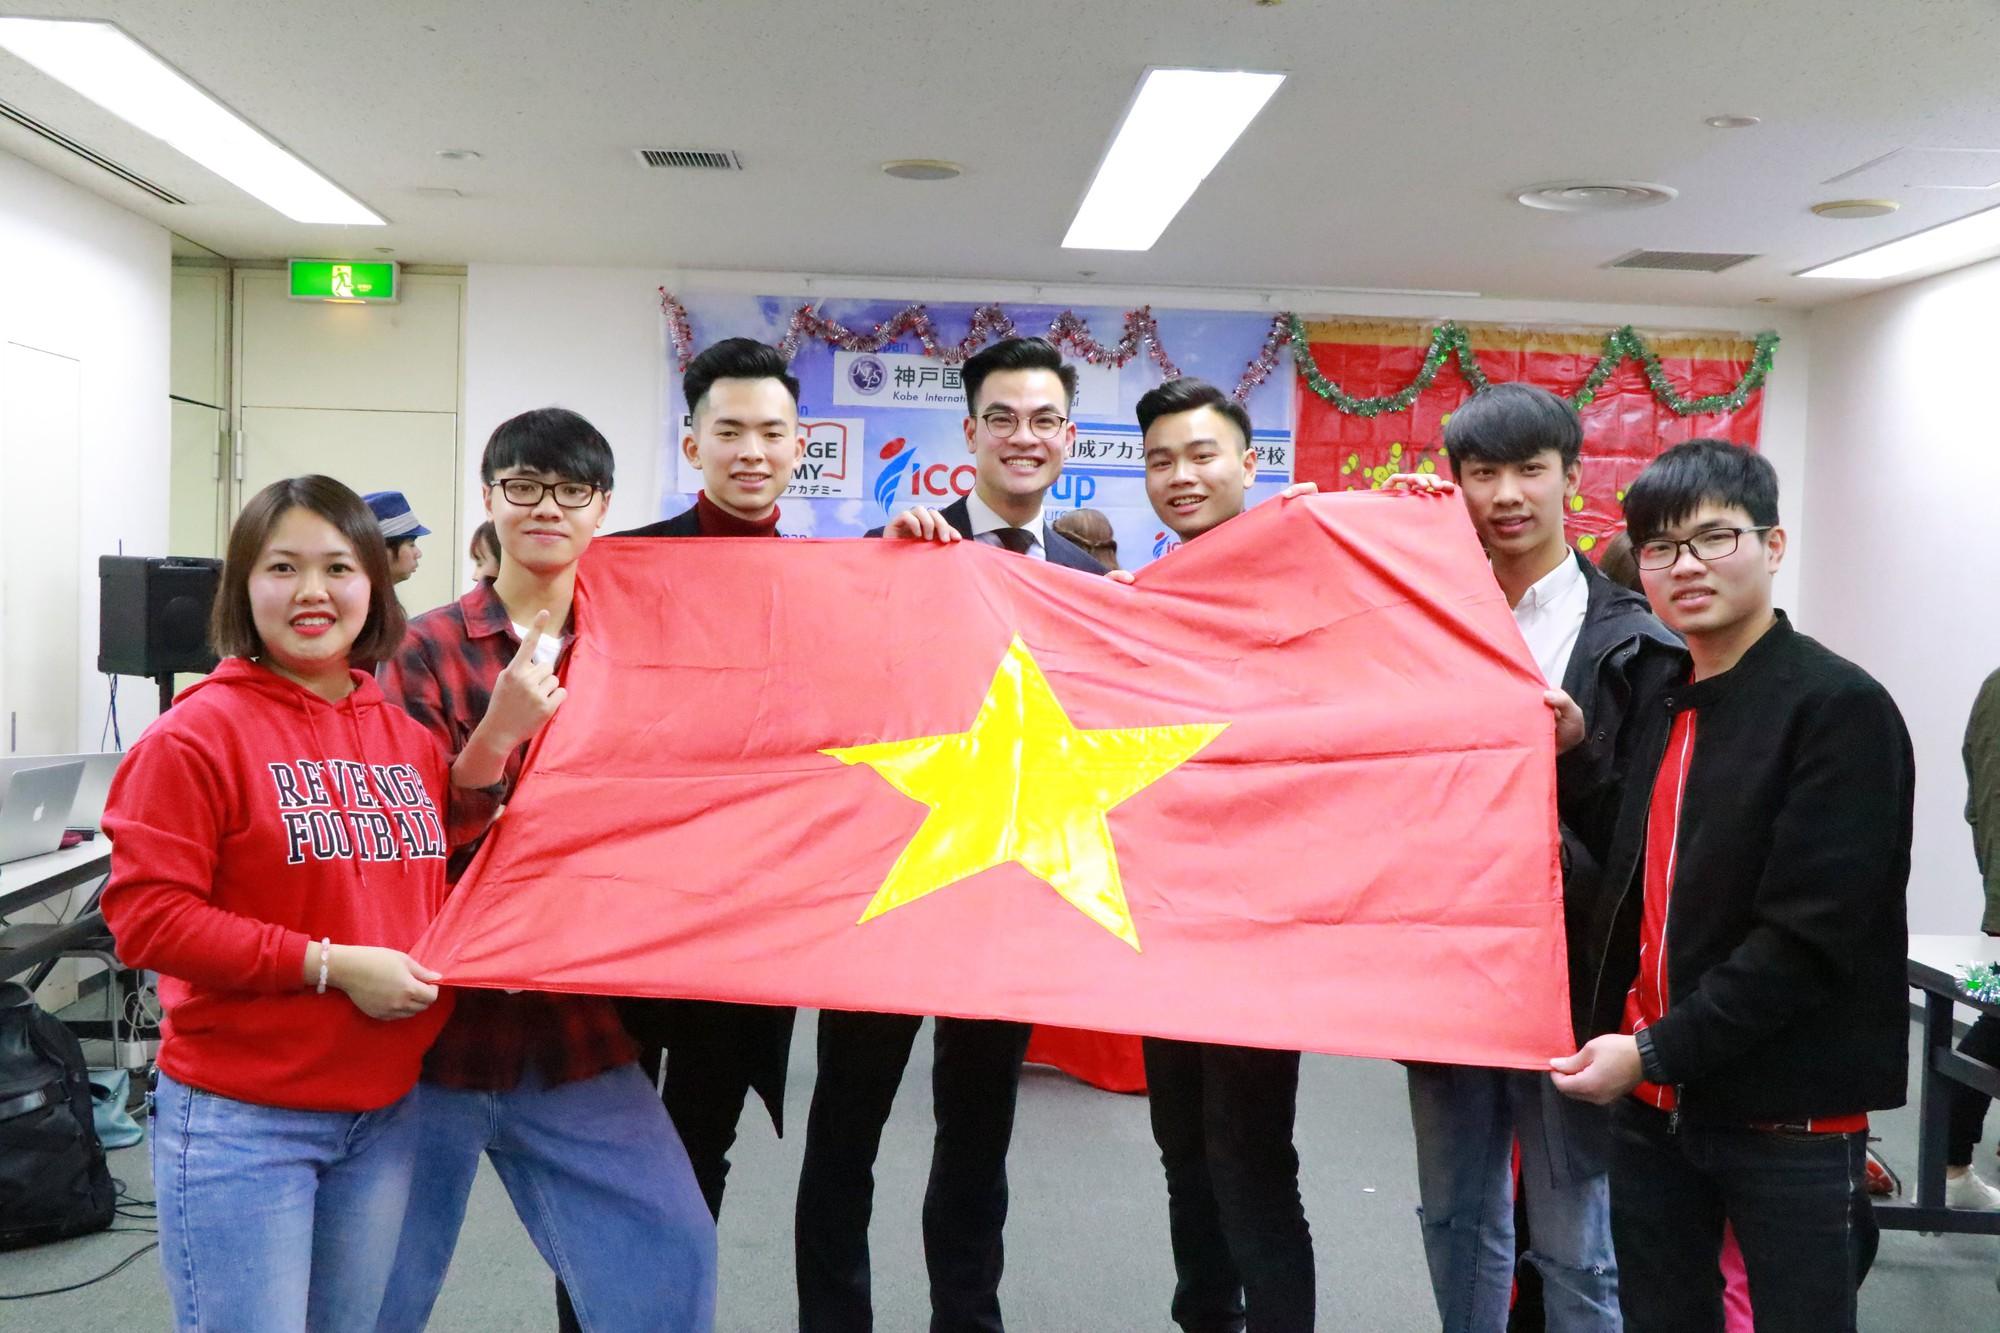 Ở nhà chưa thấy Tết đâu nhưng DHS Việt ở Nhật đã đón Tết rất hoành tráng rồi - Ảnh 16.